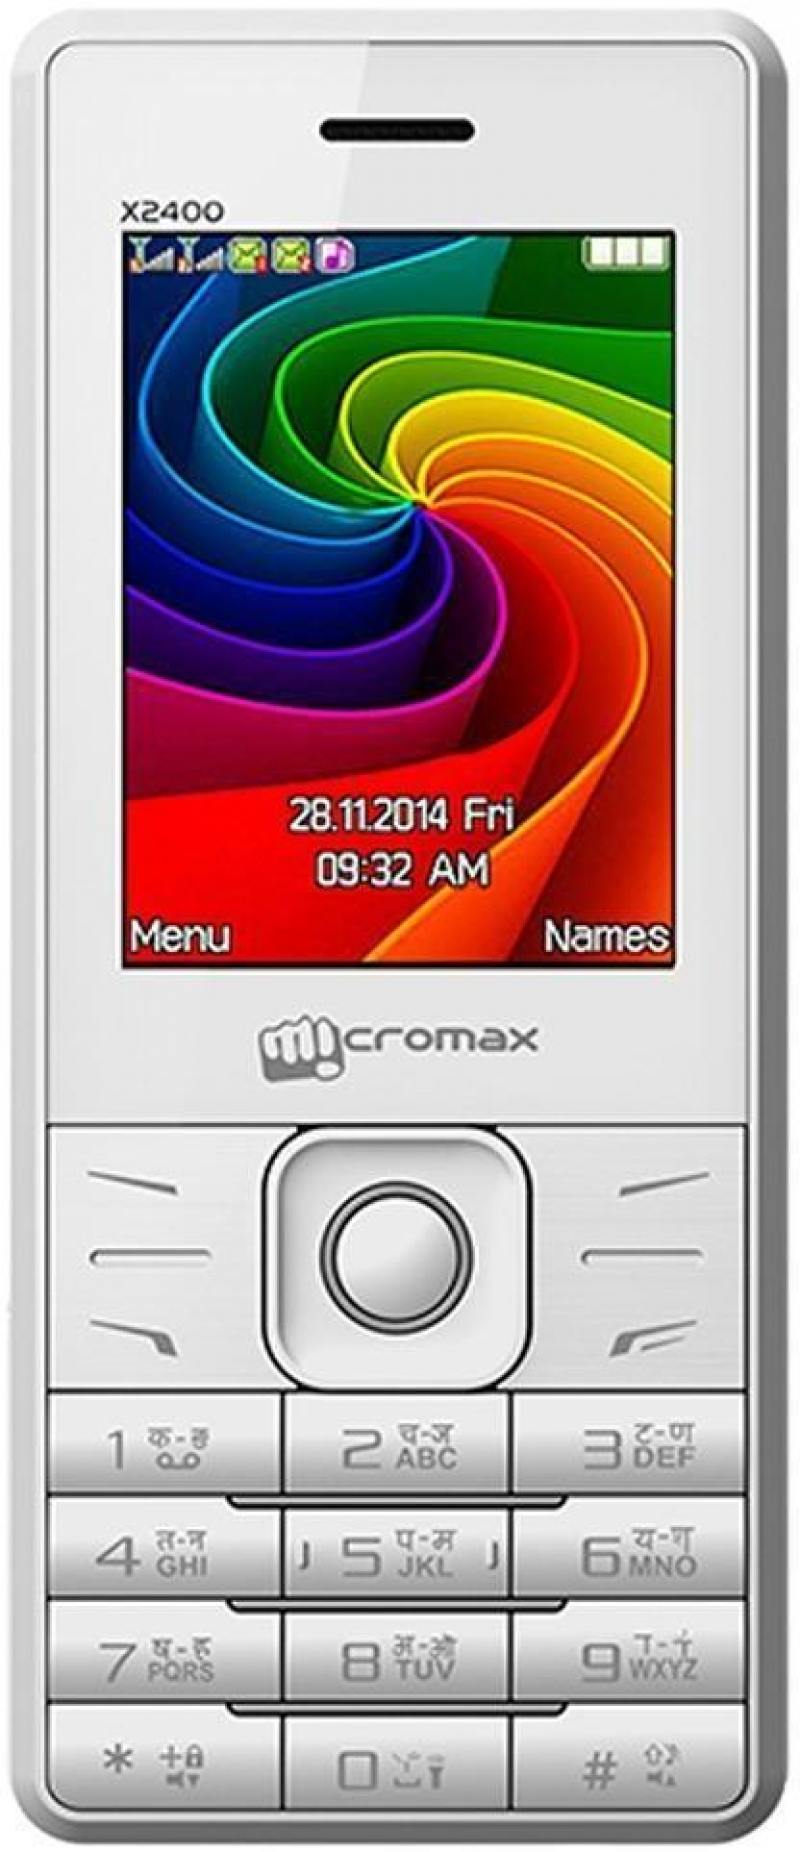 Мобильный телефон Micromax X2400 белый 2.4